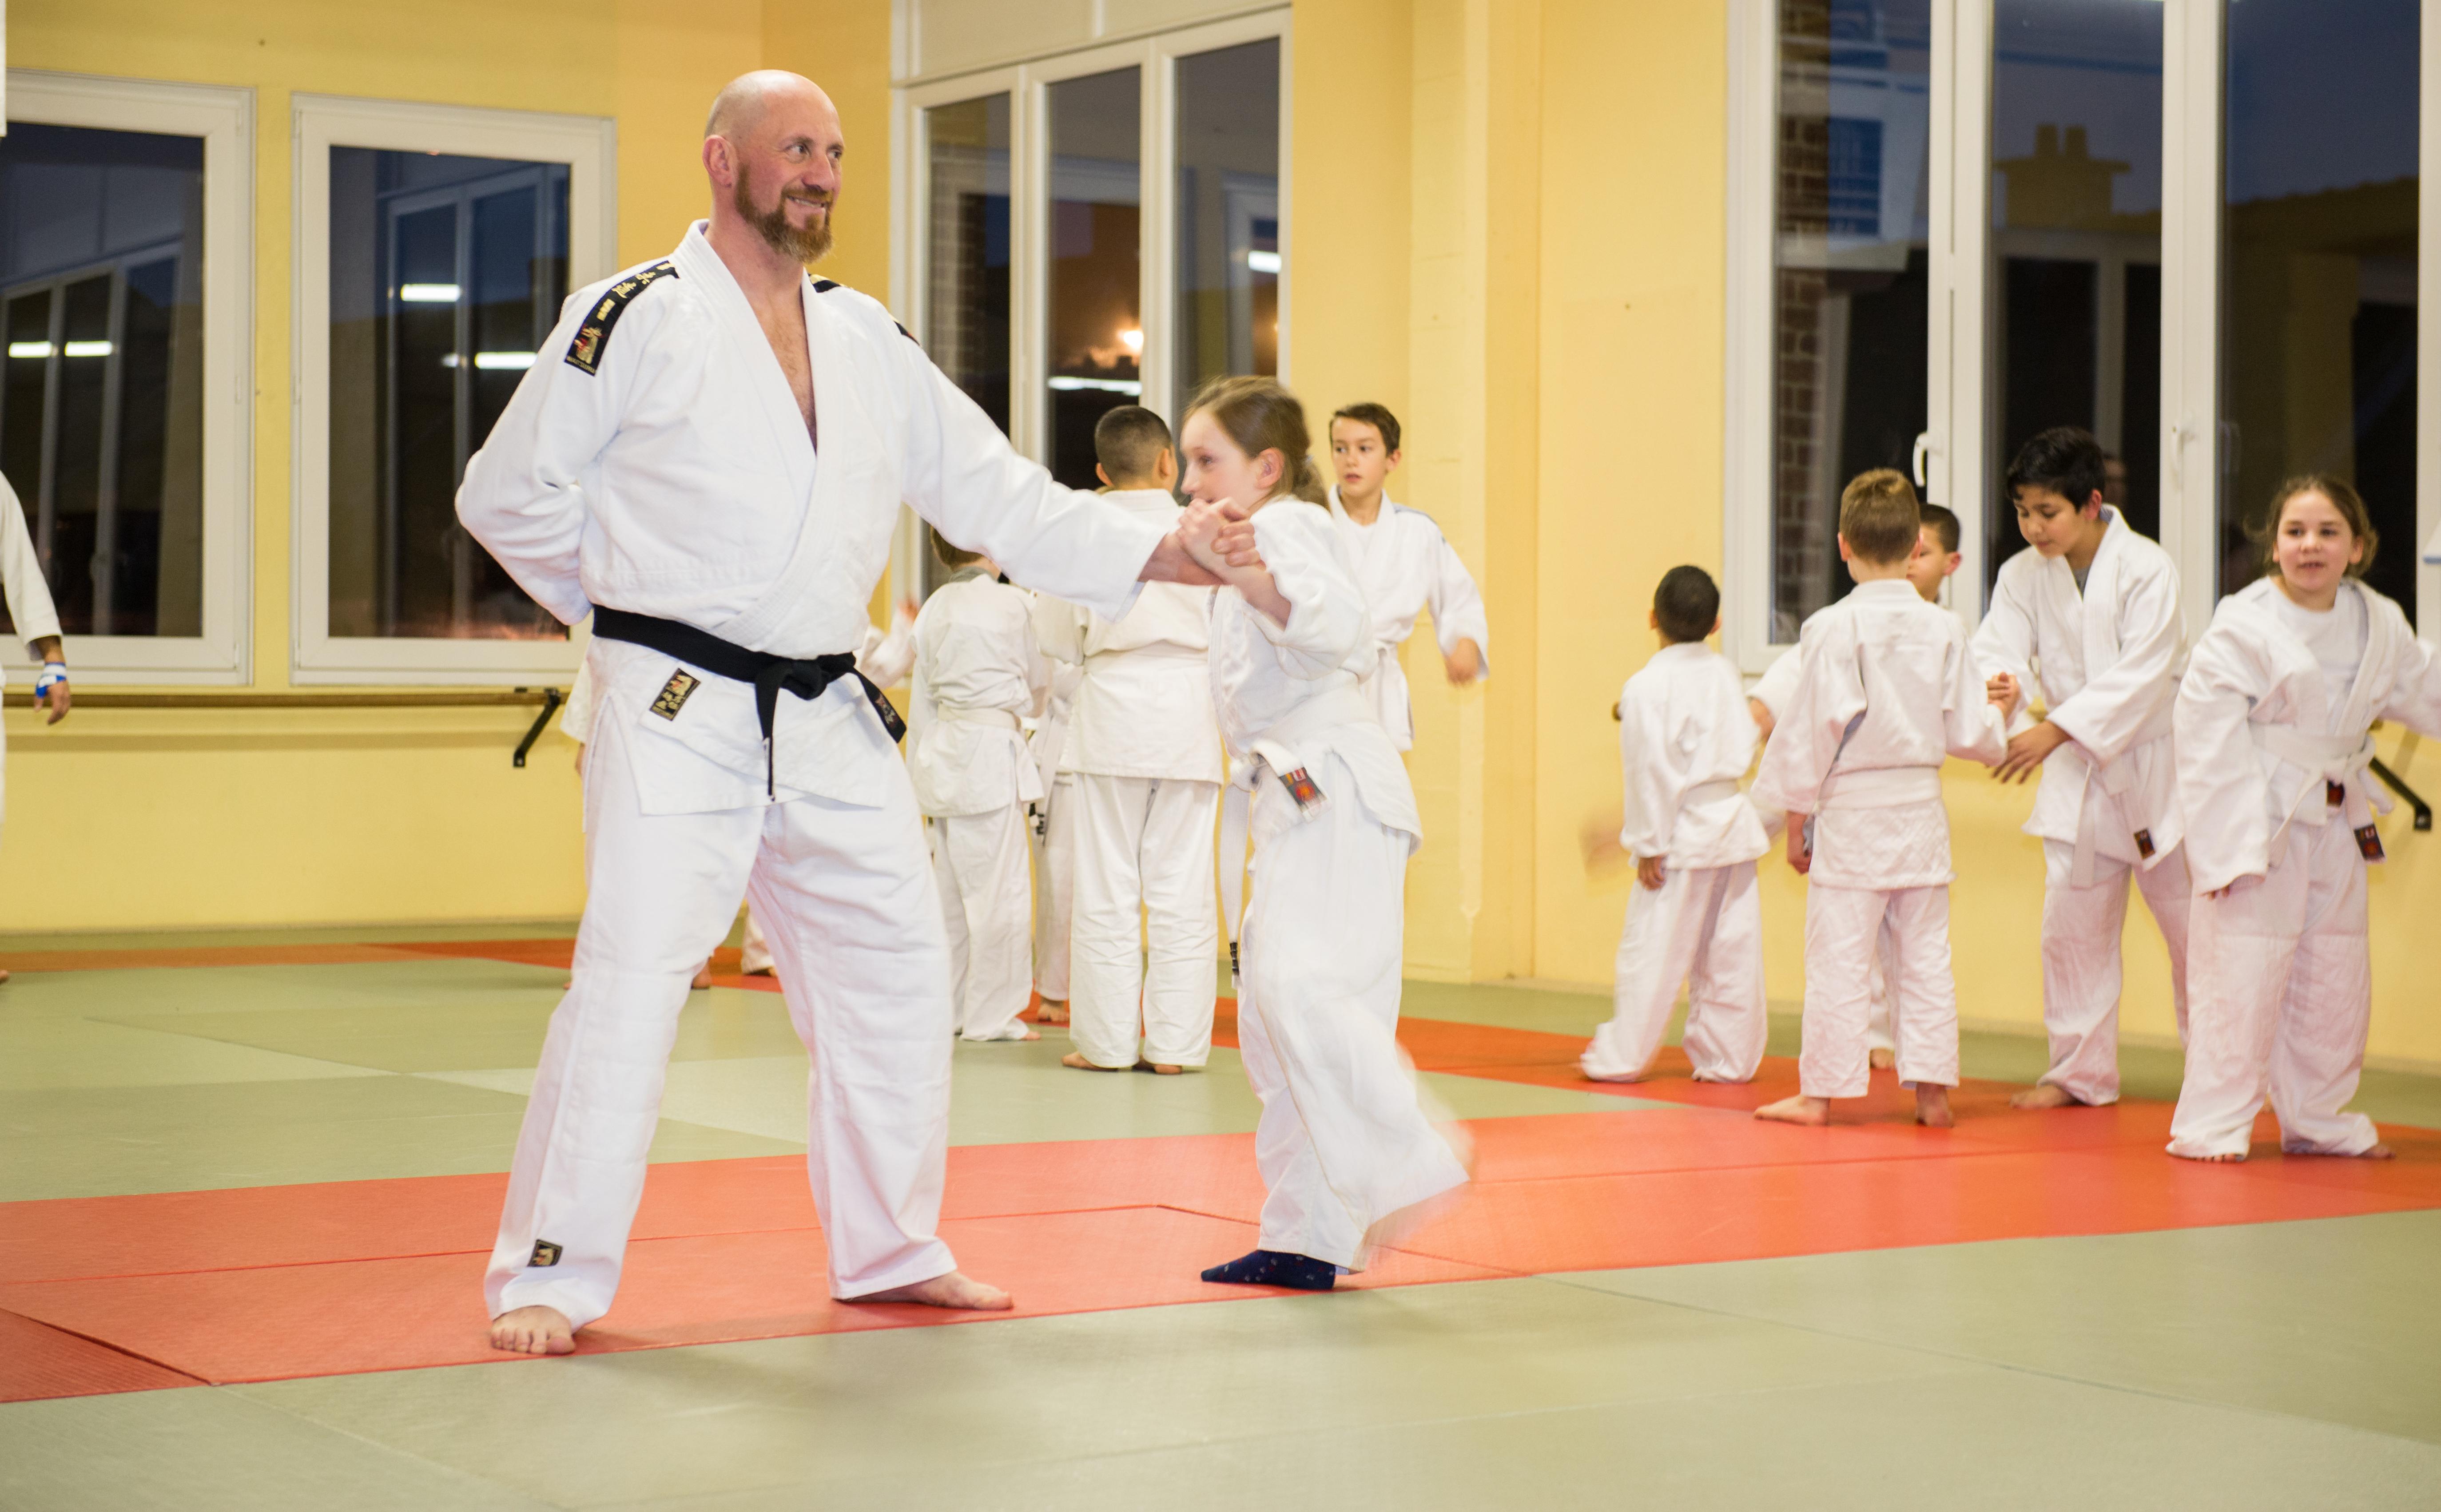 Philippe tijdens de training